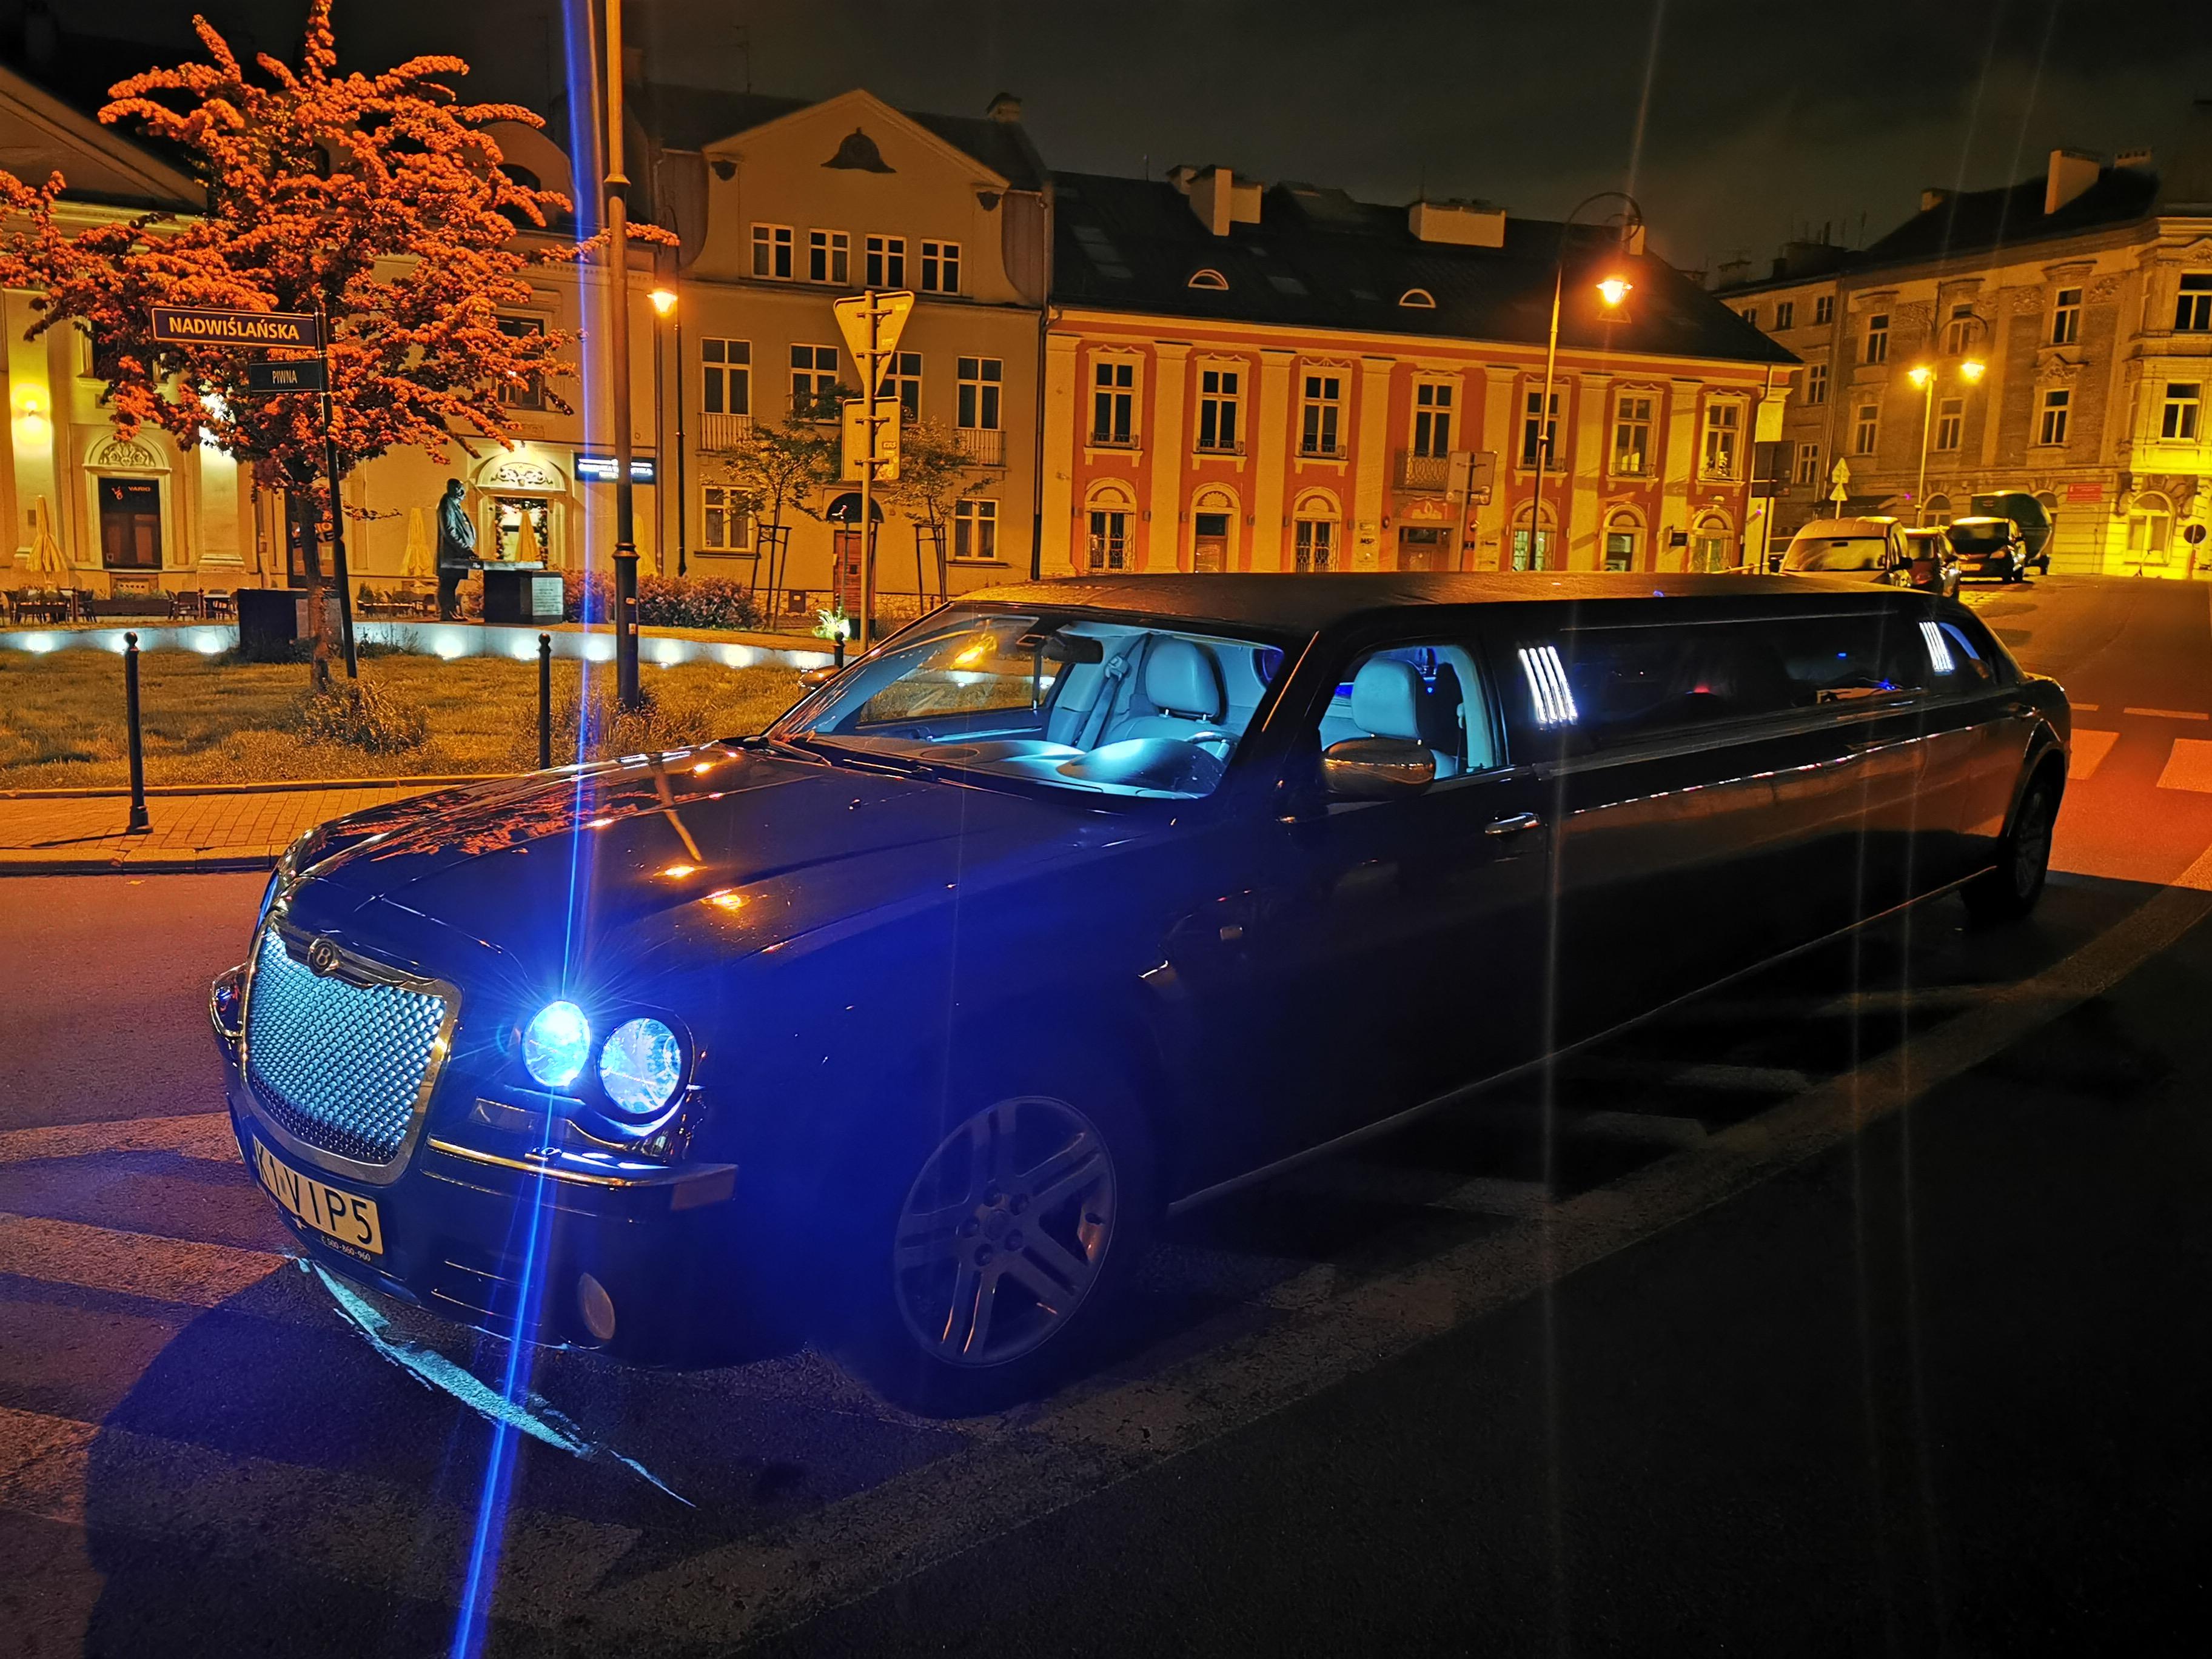 Transfert Chrysler Limo pour mon EVG à Cracovie   Enterrement de vie de garçon   idée enterrement de vie de garçon   activité enterrement de vie de garçon   idée evg   activité evg